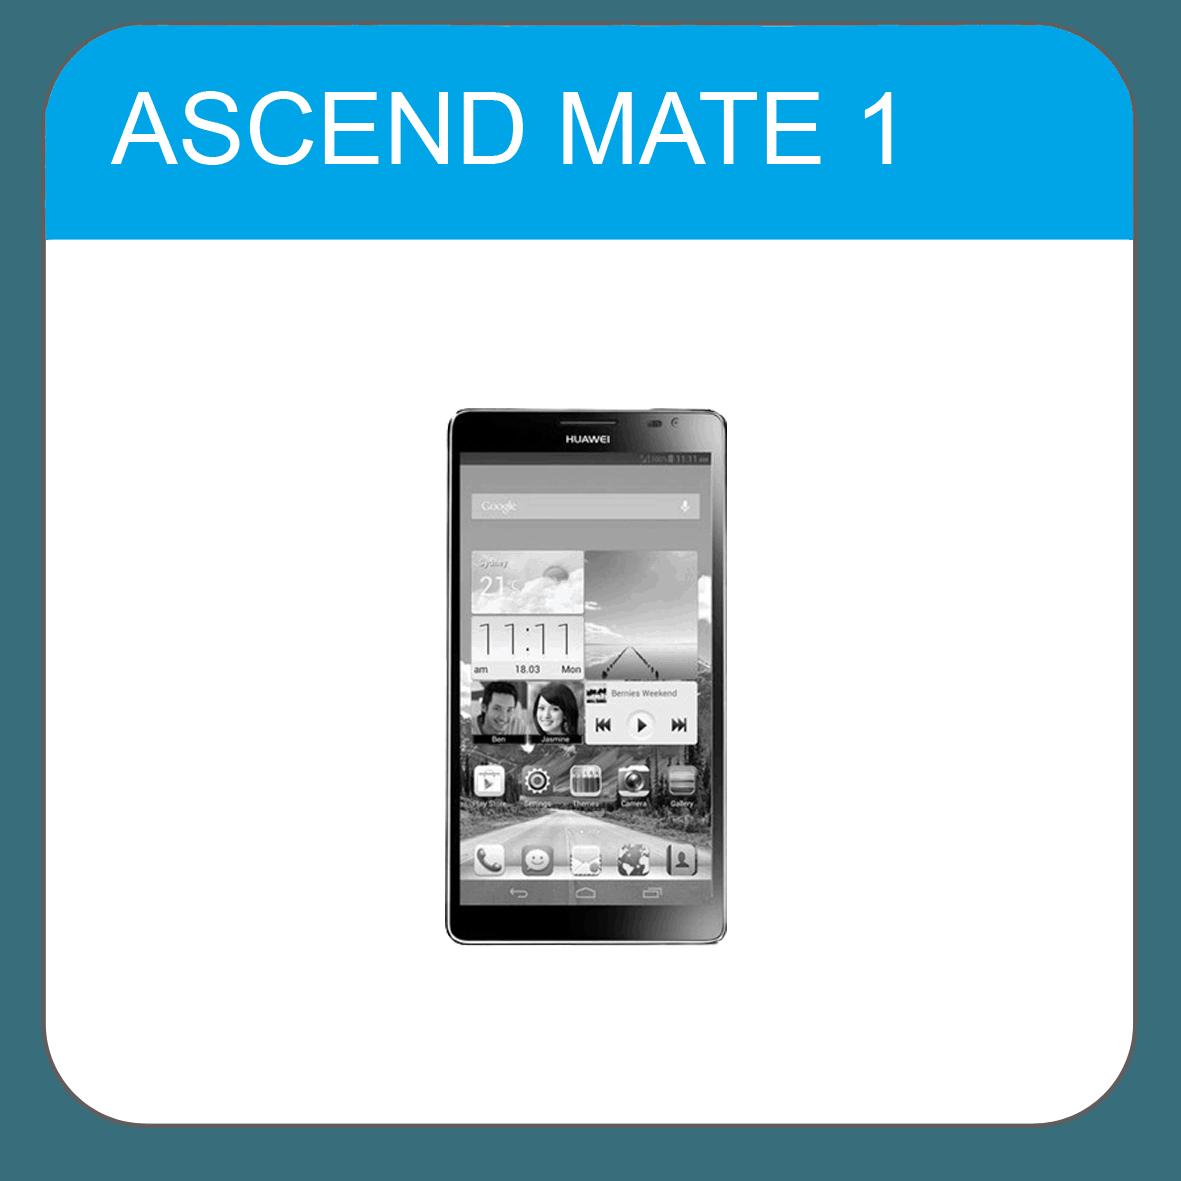 Huawei Ascend Mate 1